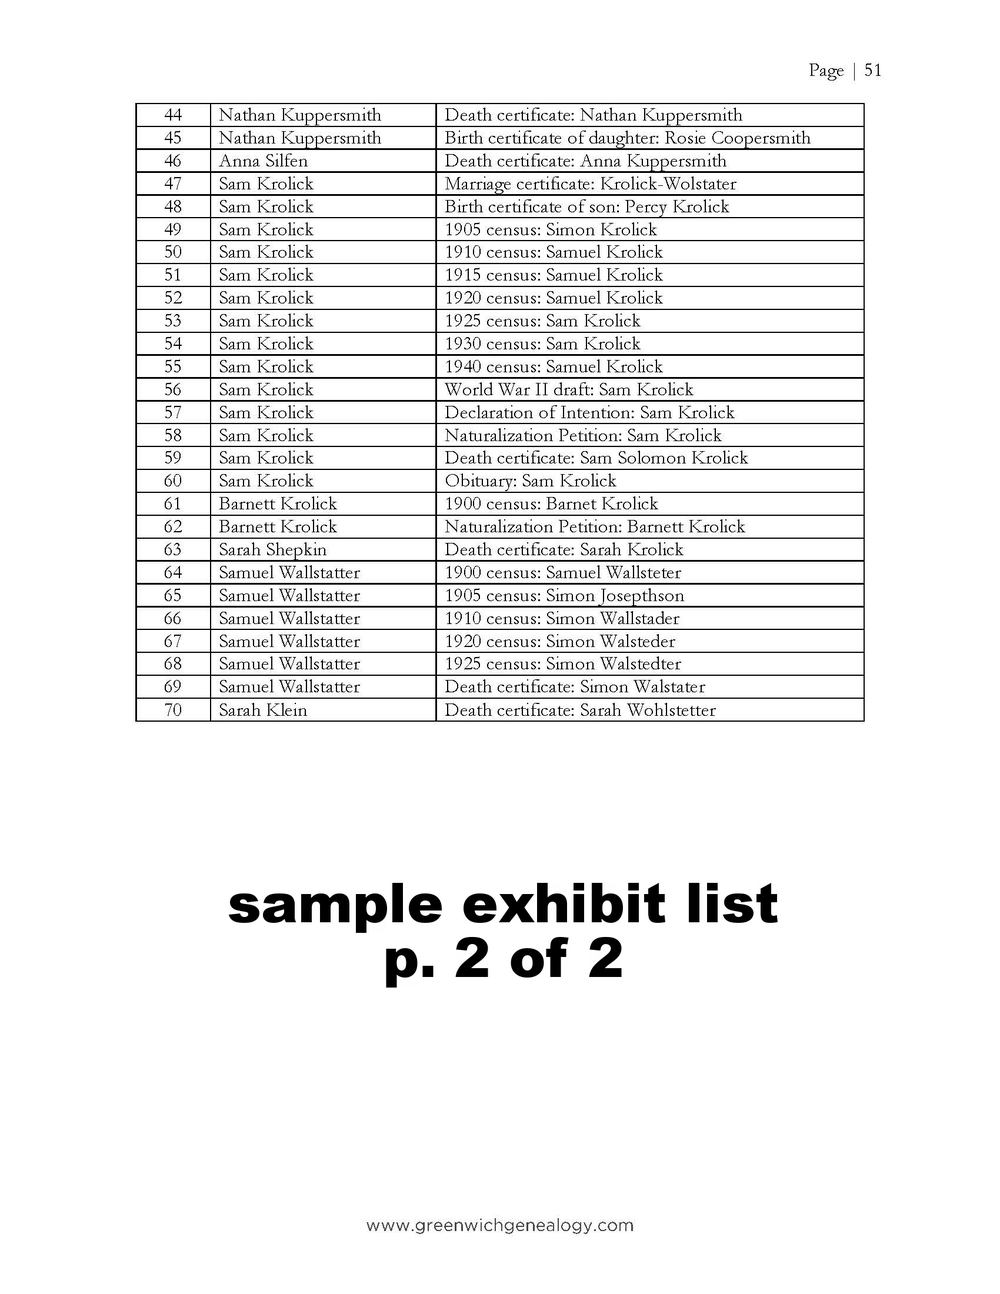 Sample (14).jpg